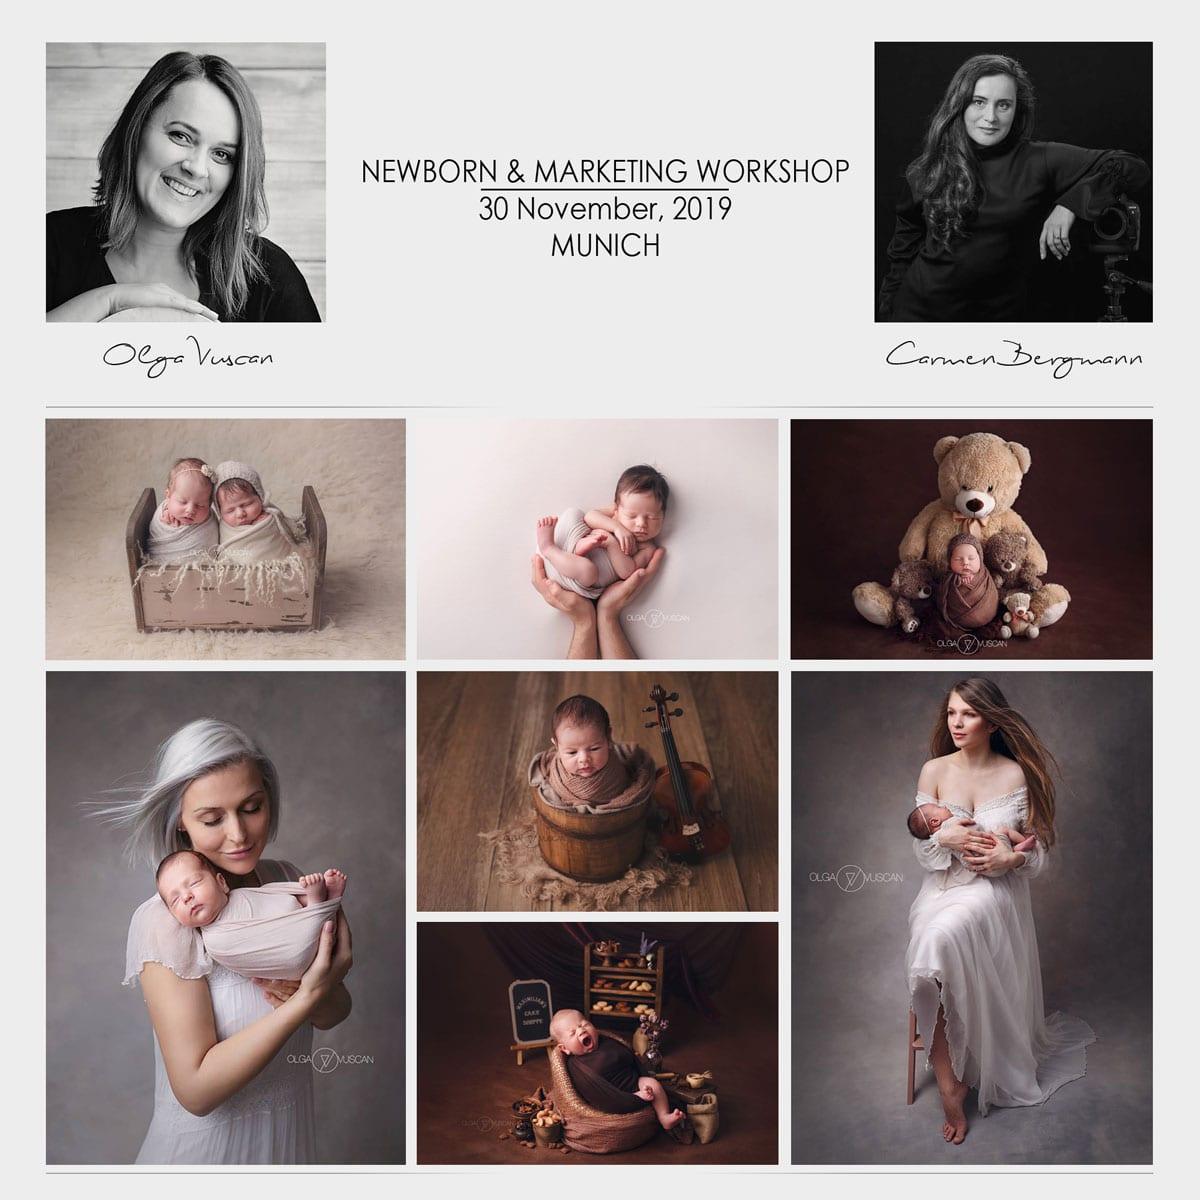 Das Carmen Bergmann Studio in München organisiert einen Workshop für neugeborene Fotografie und Marketing von Olga Vuscan und Carmen Bergmann